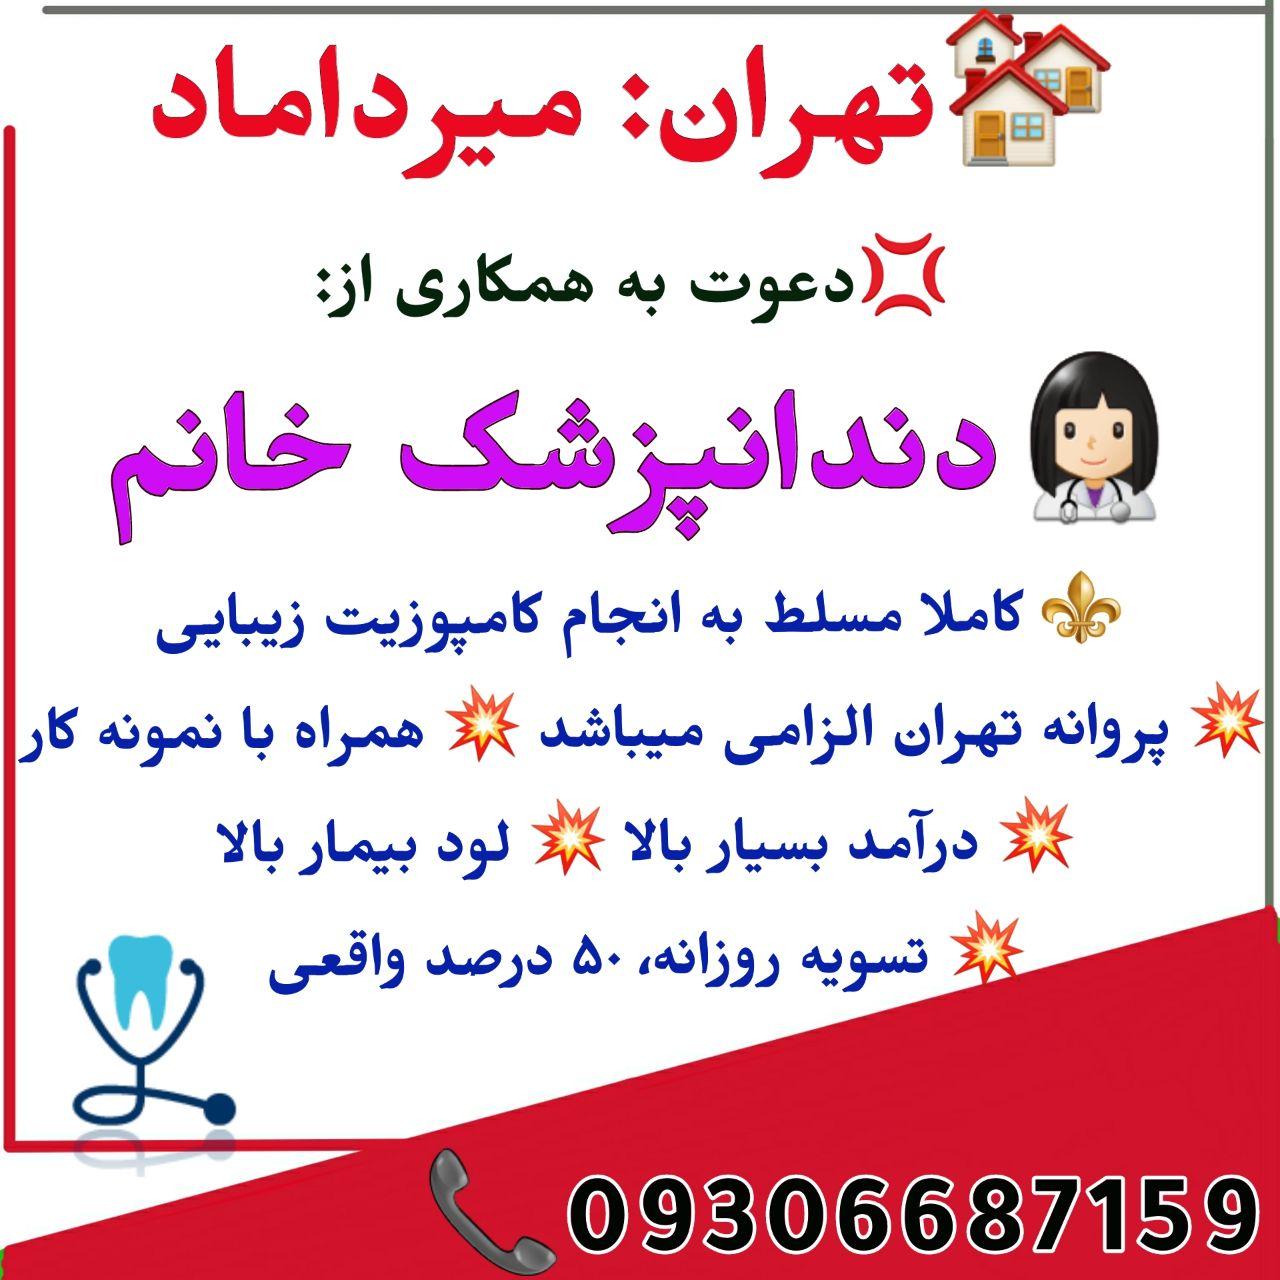 تهران: میرداماد